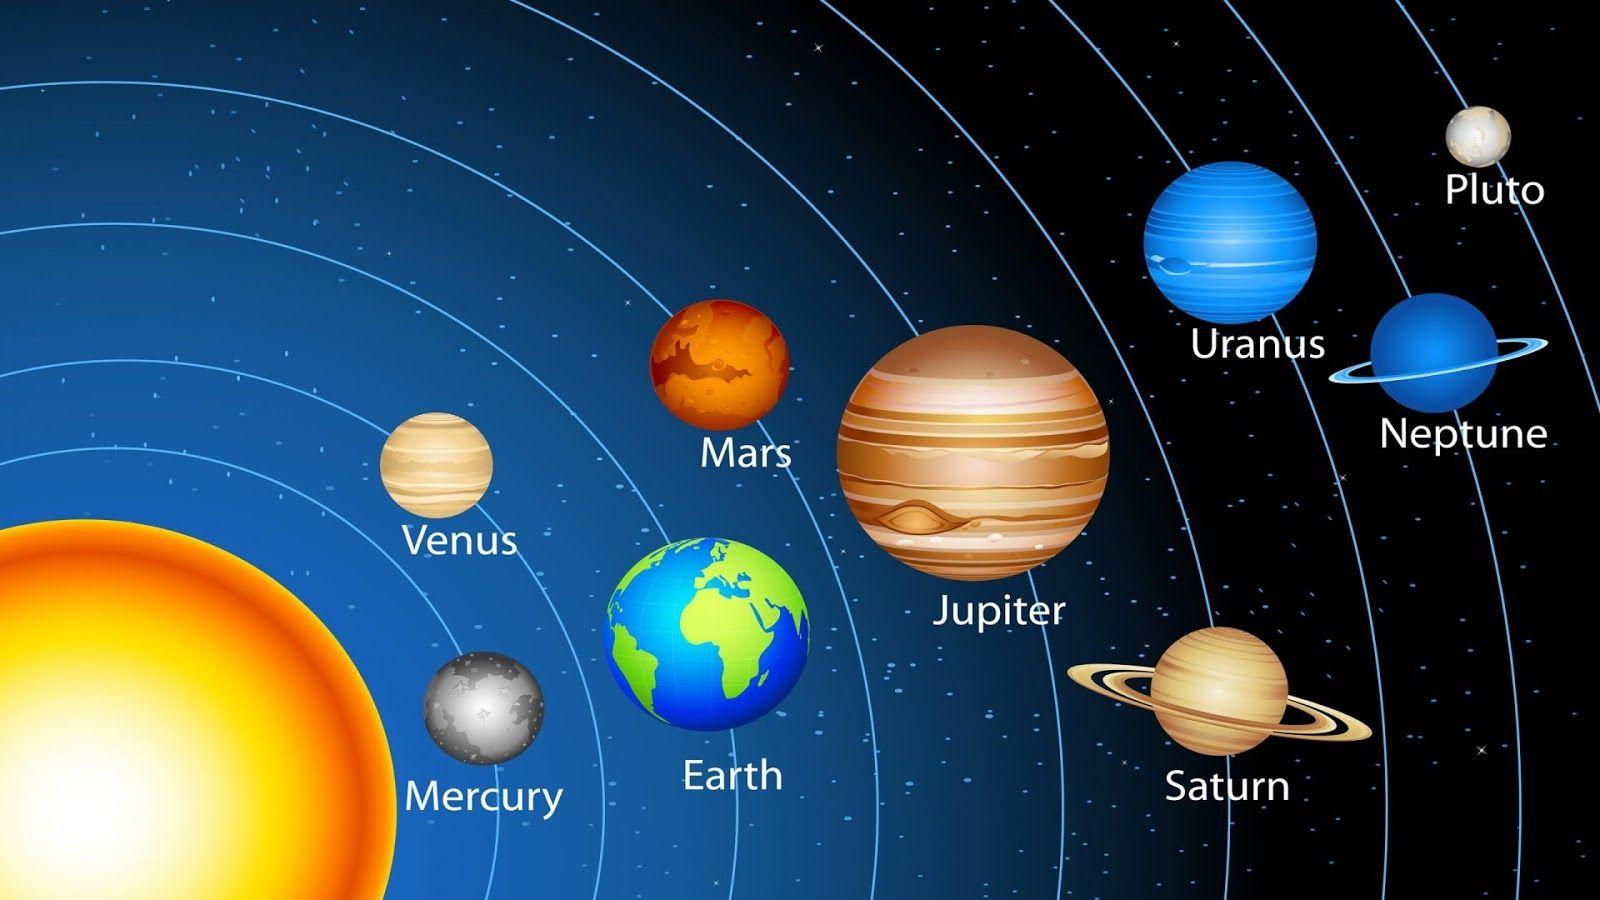 Imagenes De Los Planetas Del Sistema Solar Para Ninos Maquetas Colorear Apre Imagenes Del Sistema Solar Planetas Del Sistema Solar Imagenes De Los Planetas